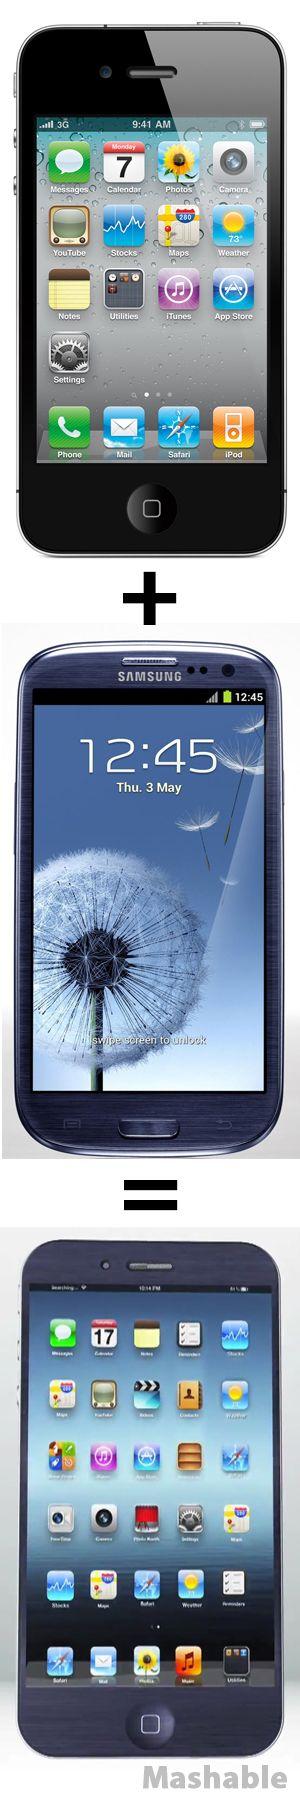 iPhone 4S + Samsung Galaxy S III = iSung Galaxy V